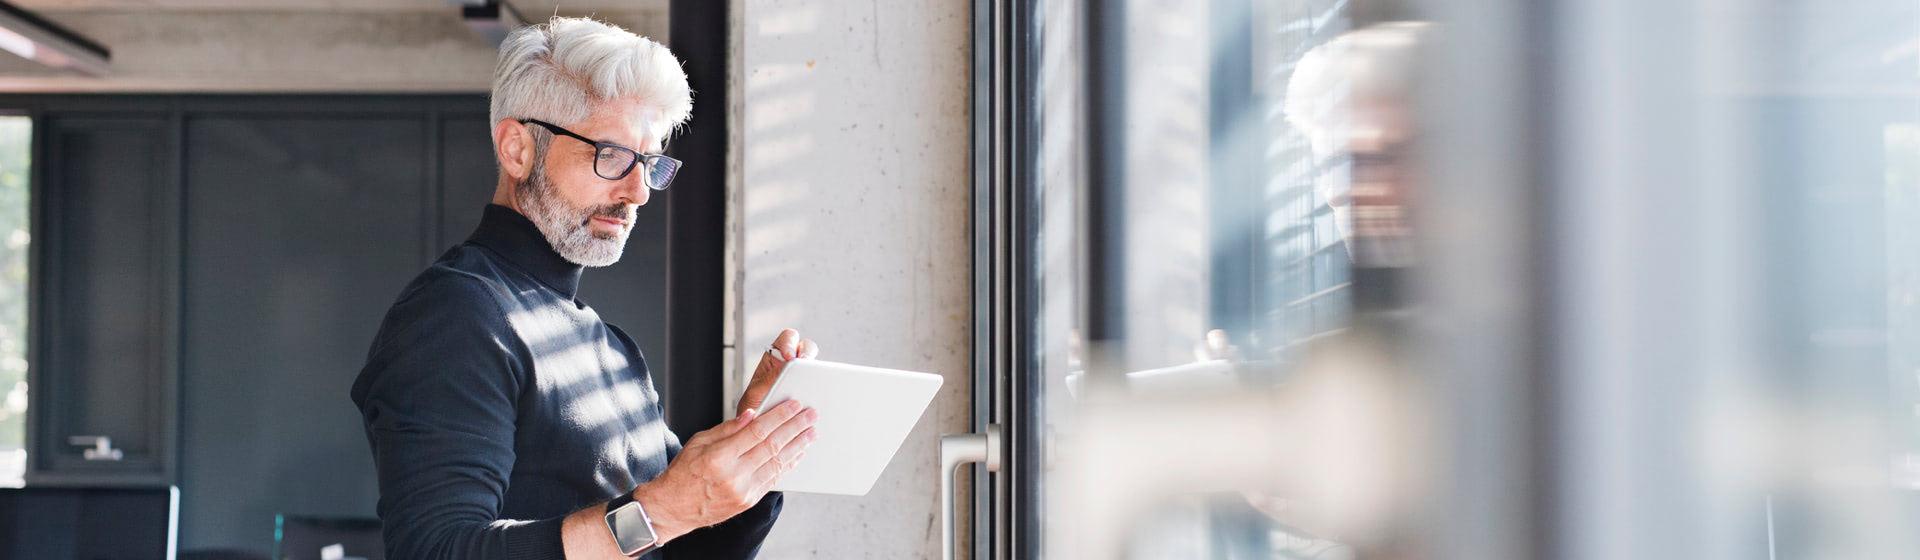 Una hombre mirando su tablet, de pie junto a una ventana